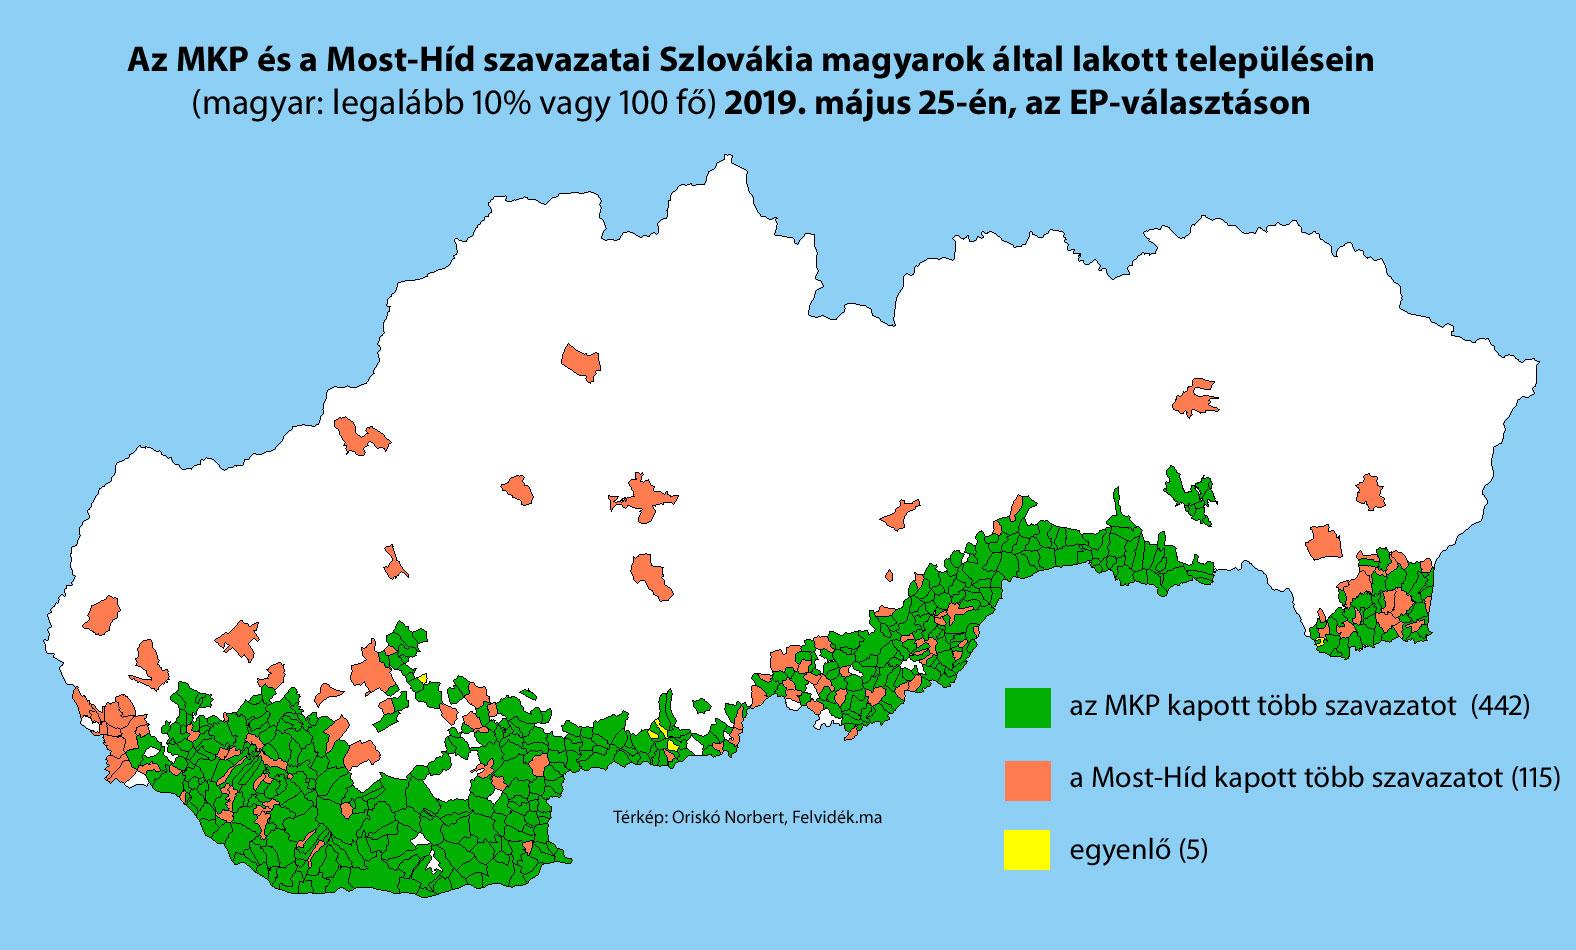 Az EP-választás eredményei a felvidéki településeken - Tények.sk